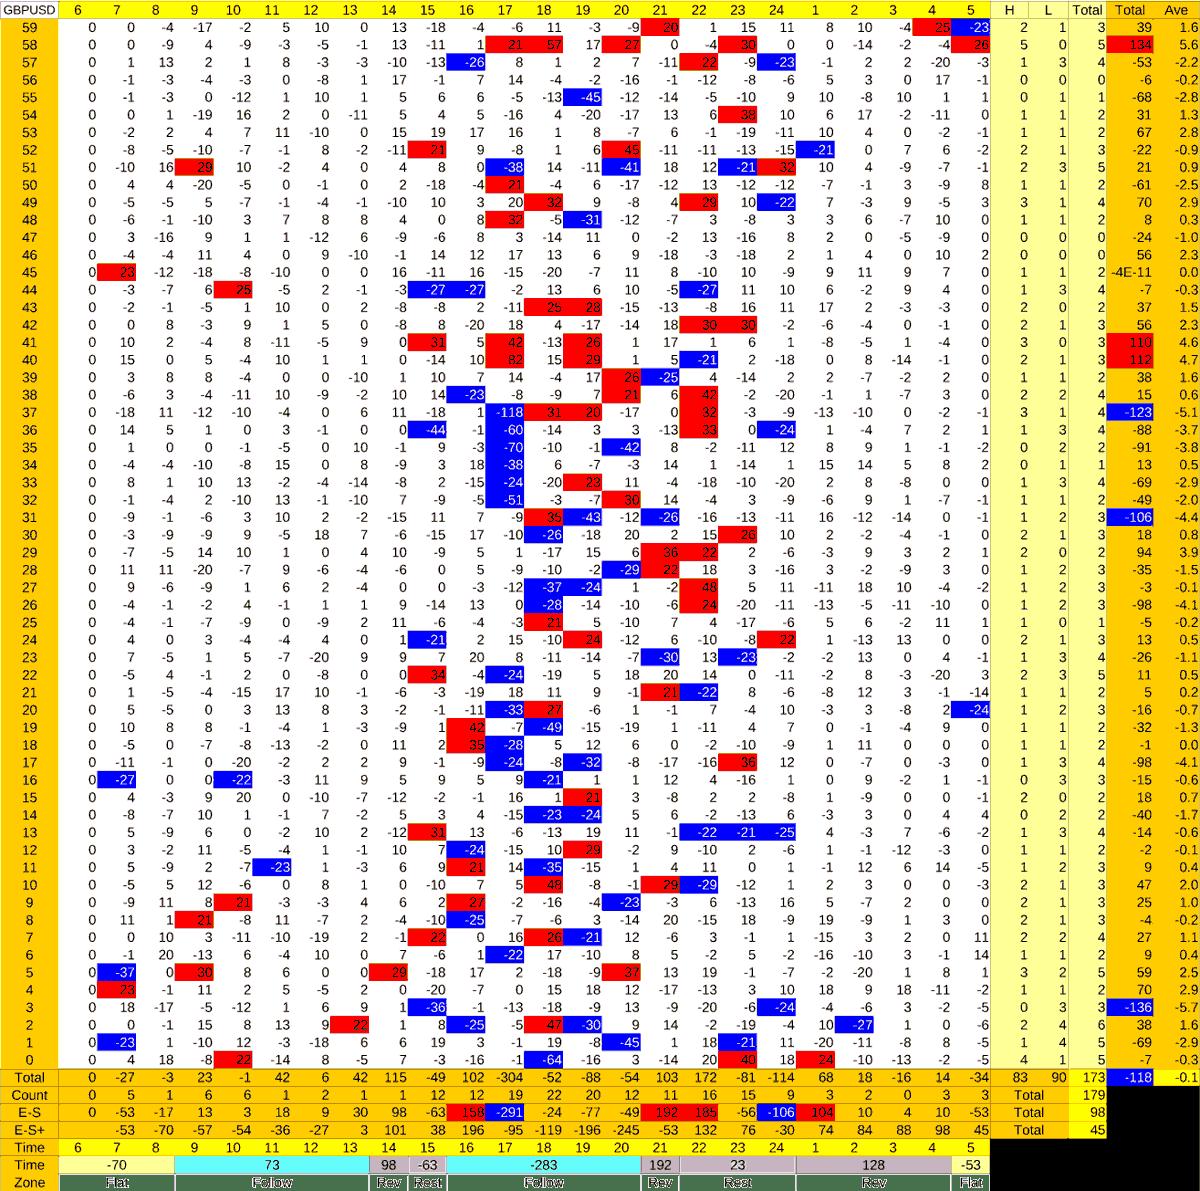 20210524_HS(2)GBPUSD